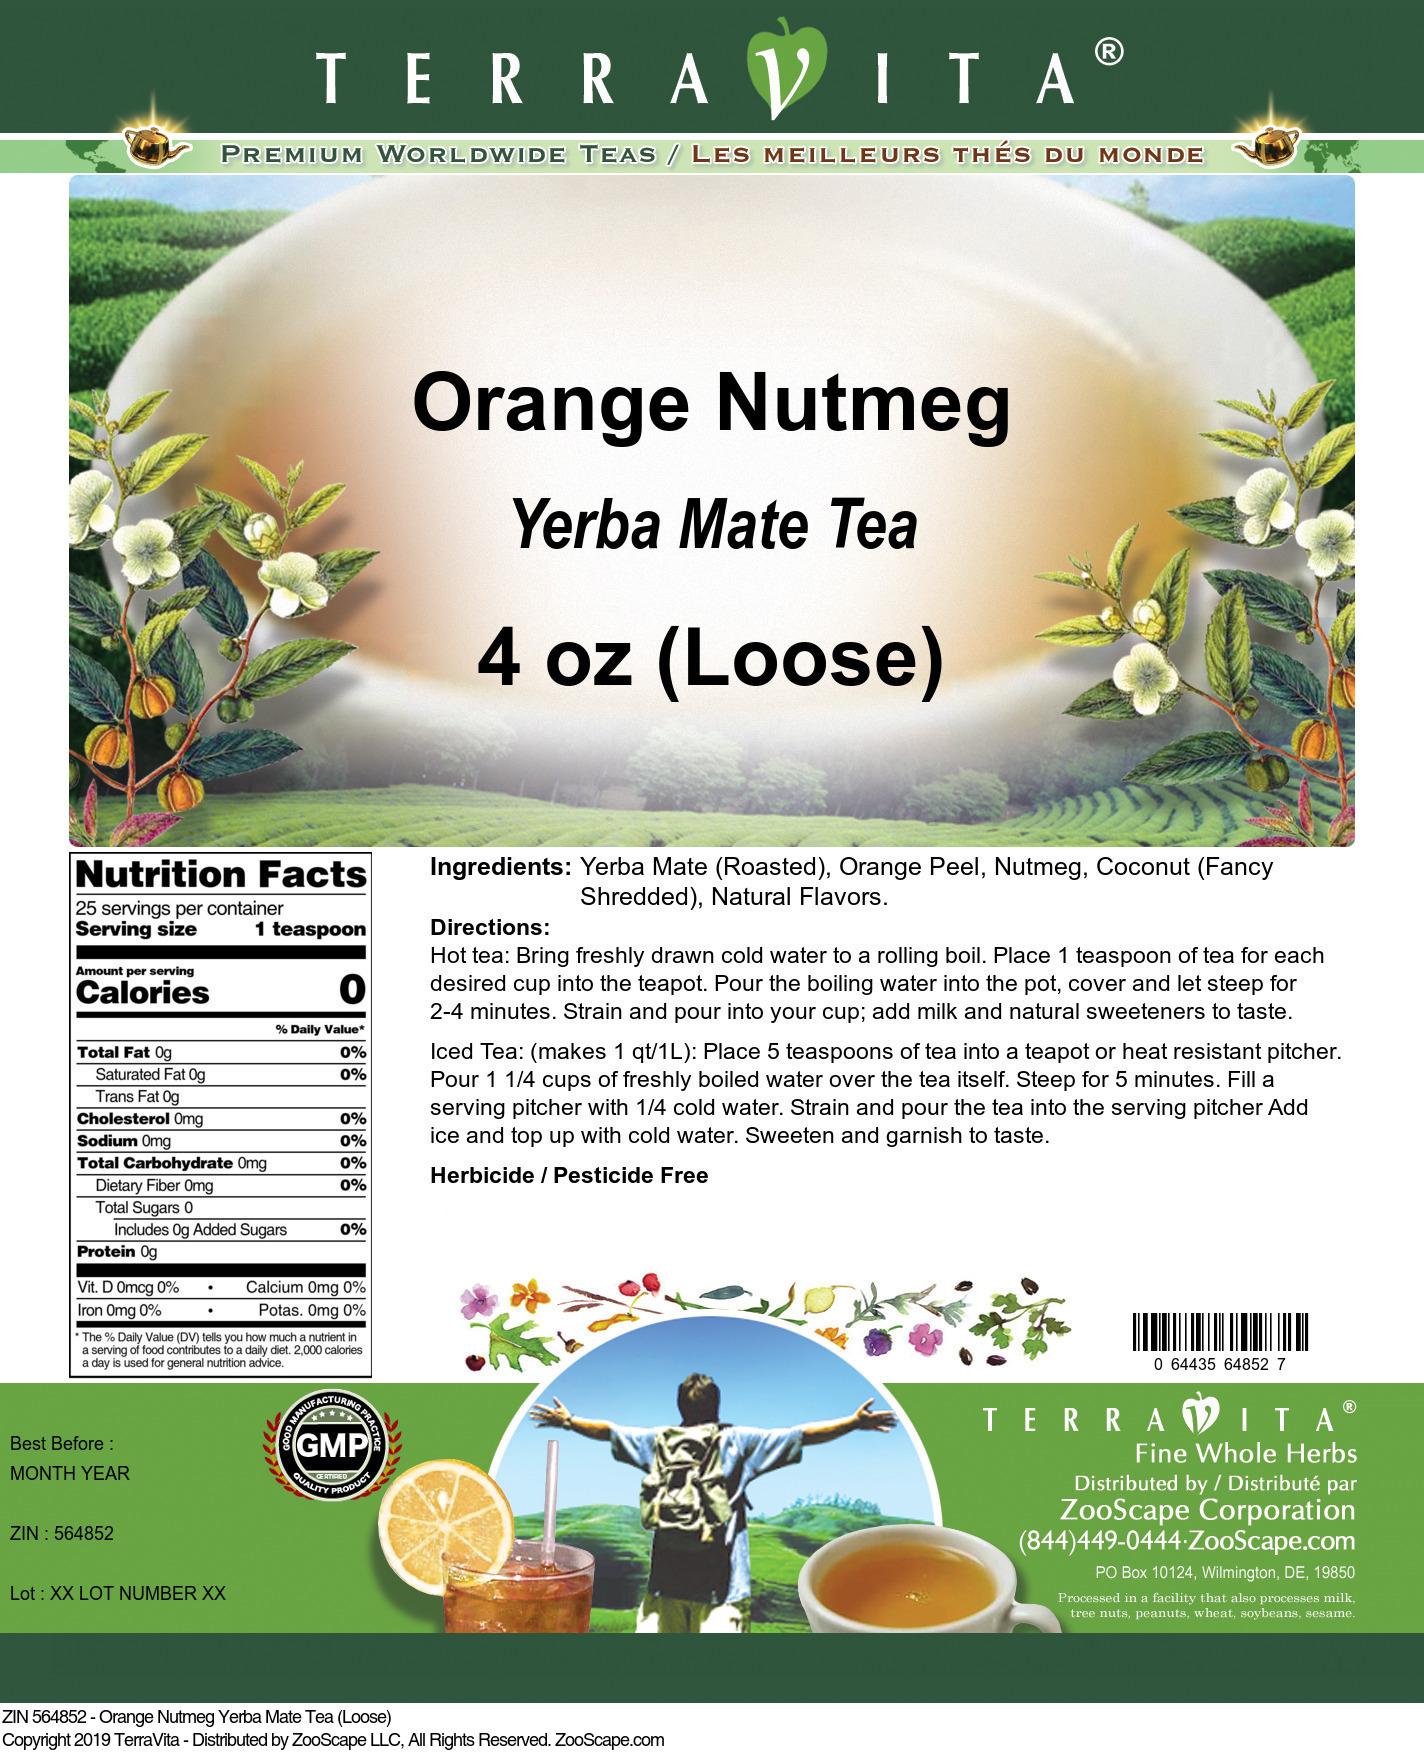 Orange Nutmeg Yerba Mate